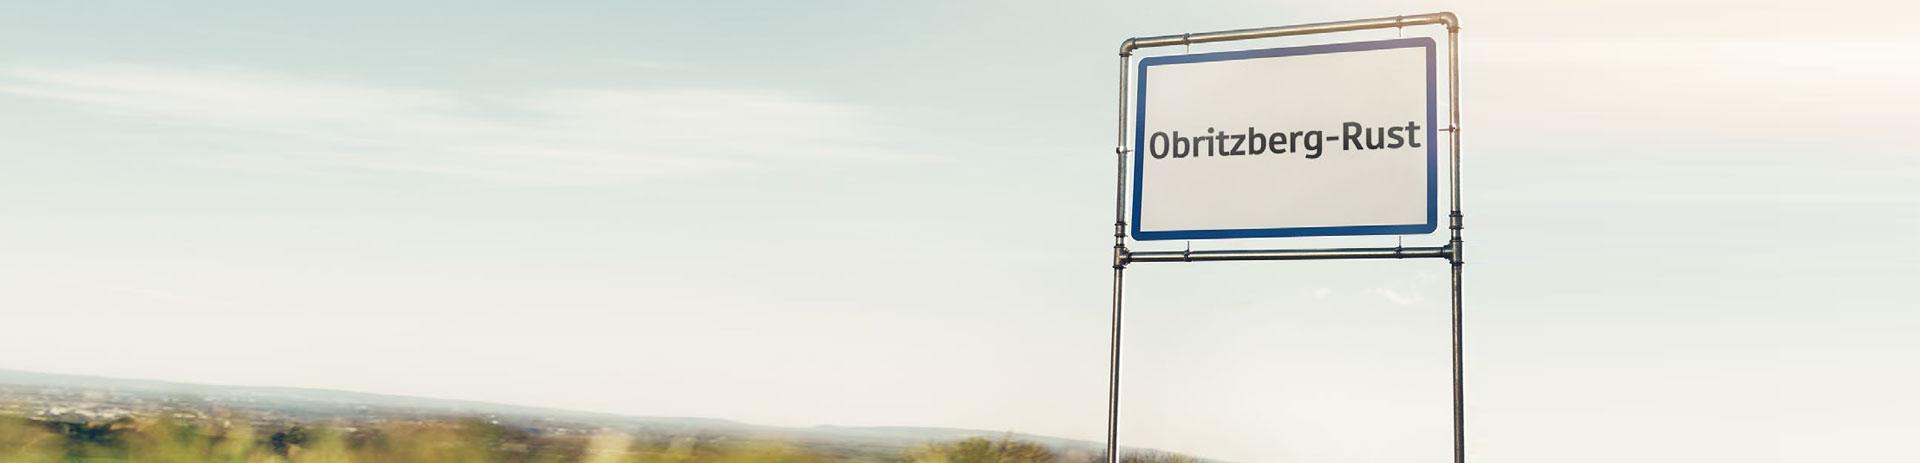 Ortsschild von Obritzberg-Rust am Straßenrand